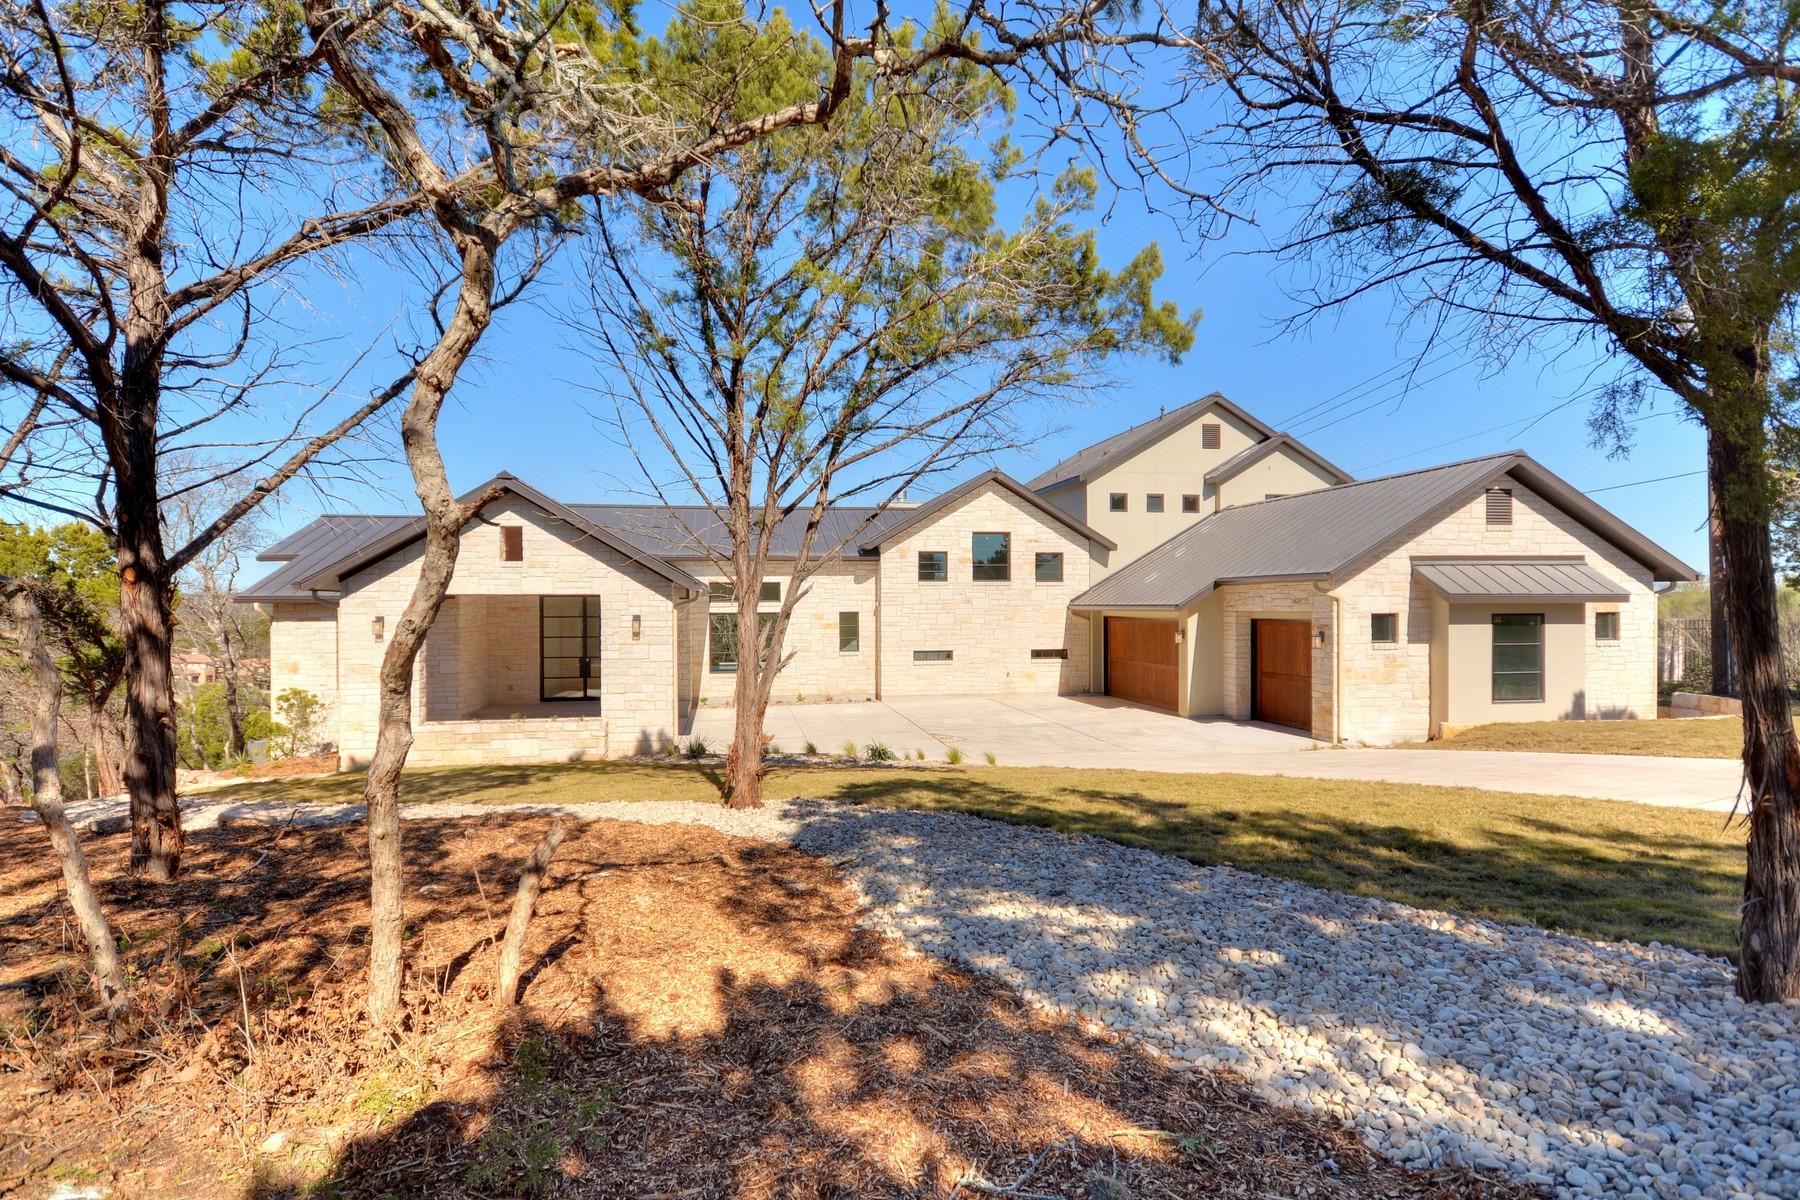 Nhà ở một gia đình vì Bán tại Gossett Jones Cutom Home in Shepherd Mountain 6910 W Courtyard Dr Austin, Texas 78730 Hoa Kỳ